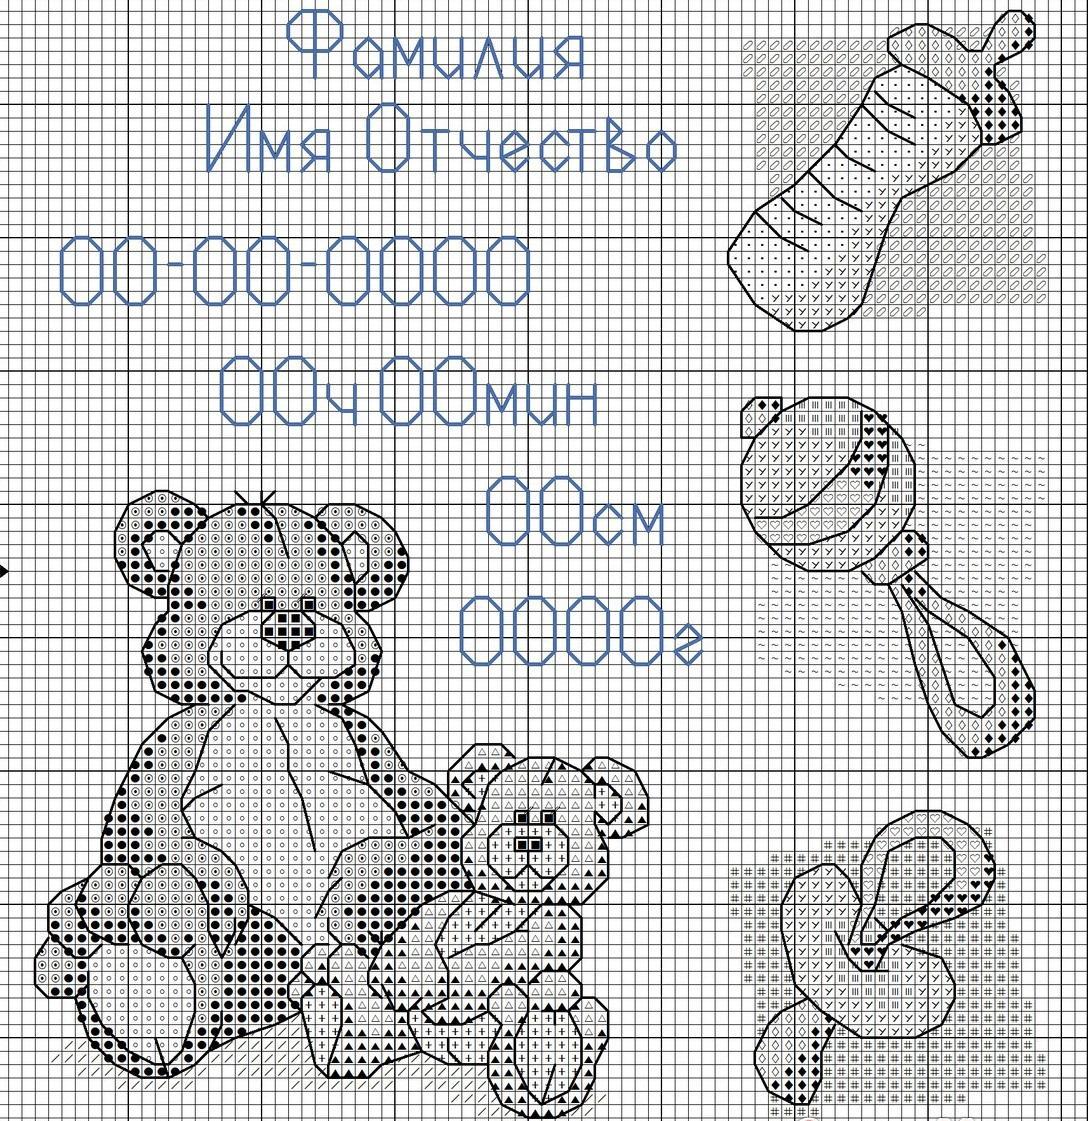 Перед тем как вышить детскую метрику, необходимо выбрать определенную цветовую гамму, материал и схему